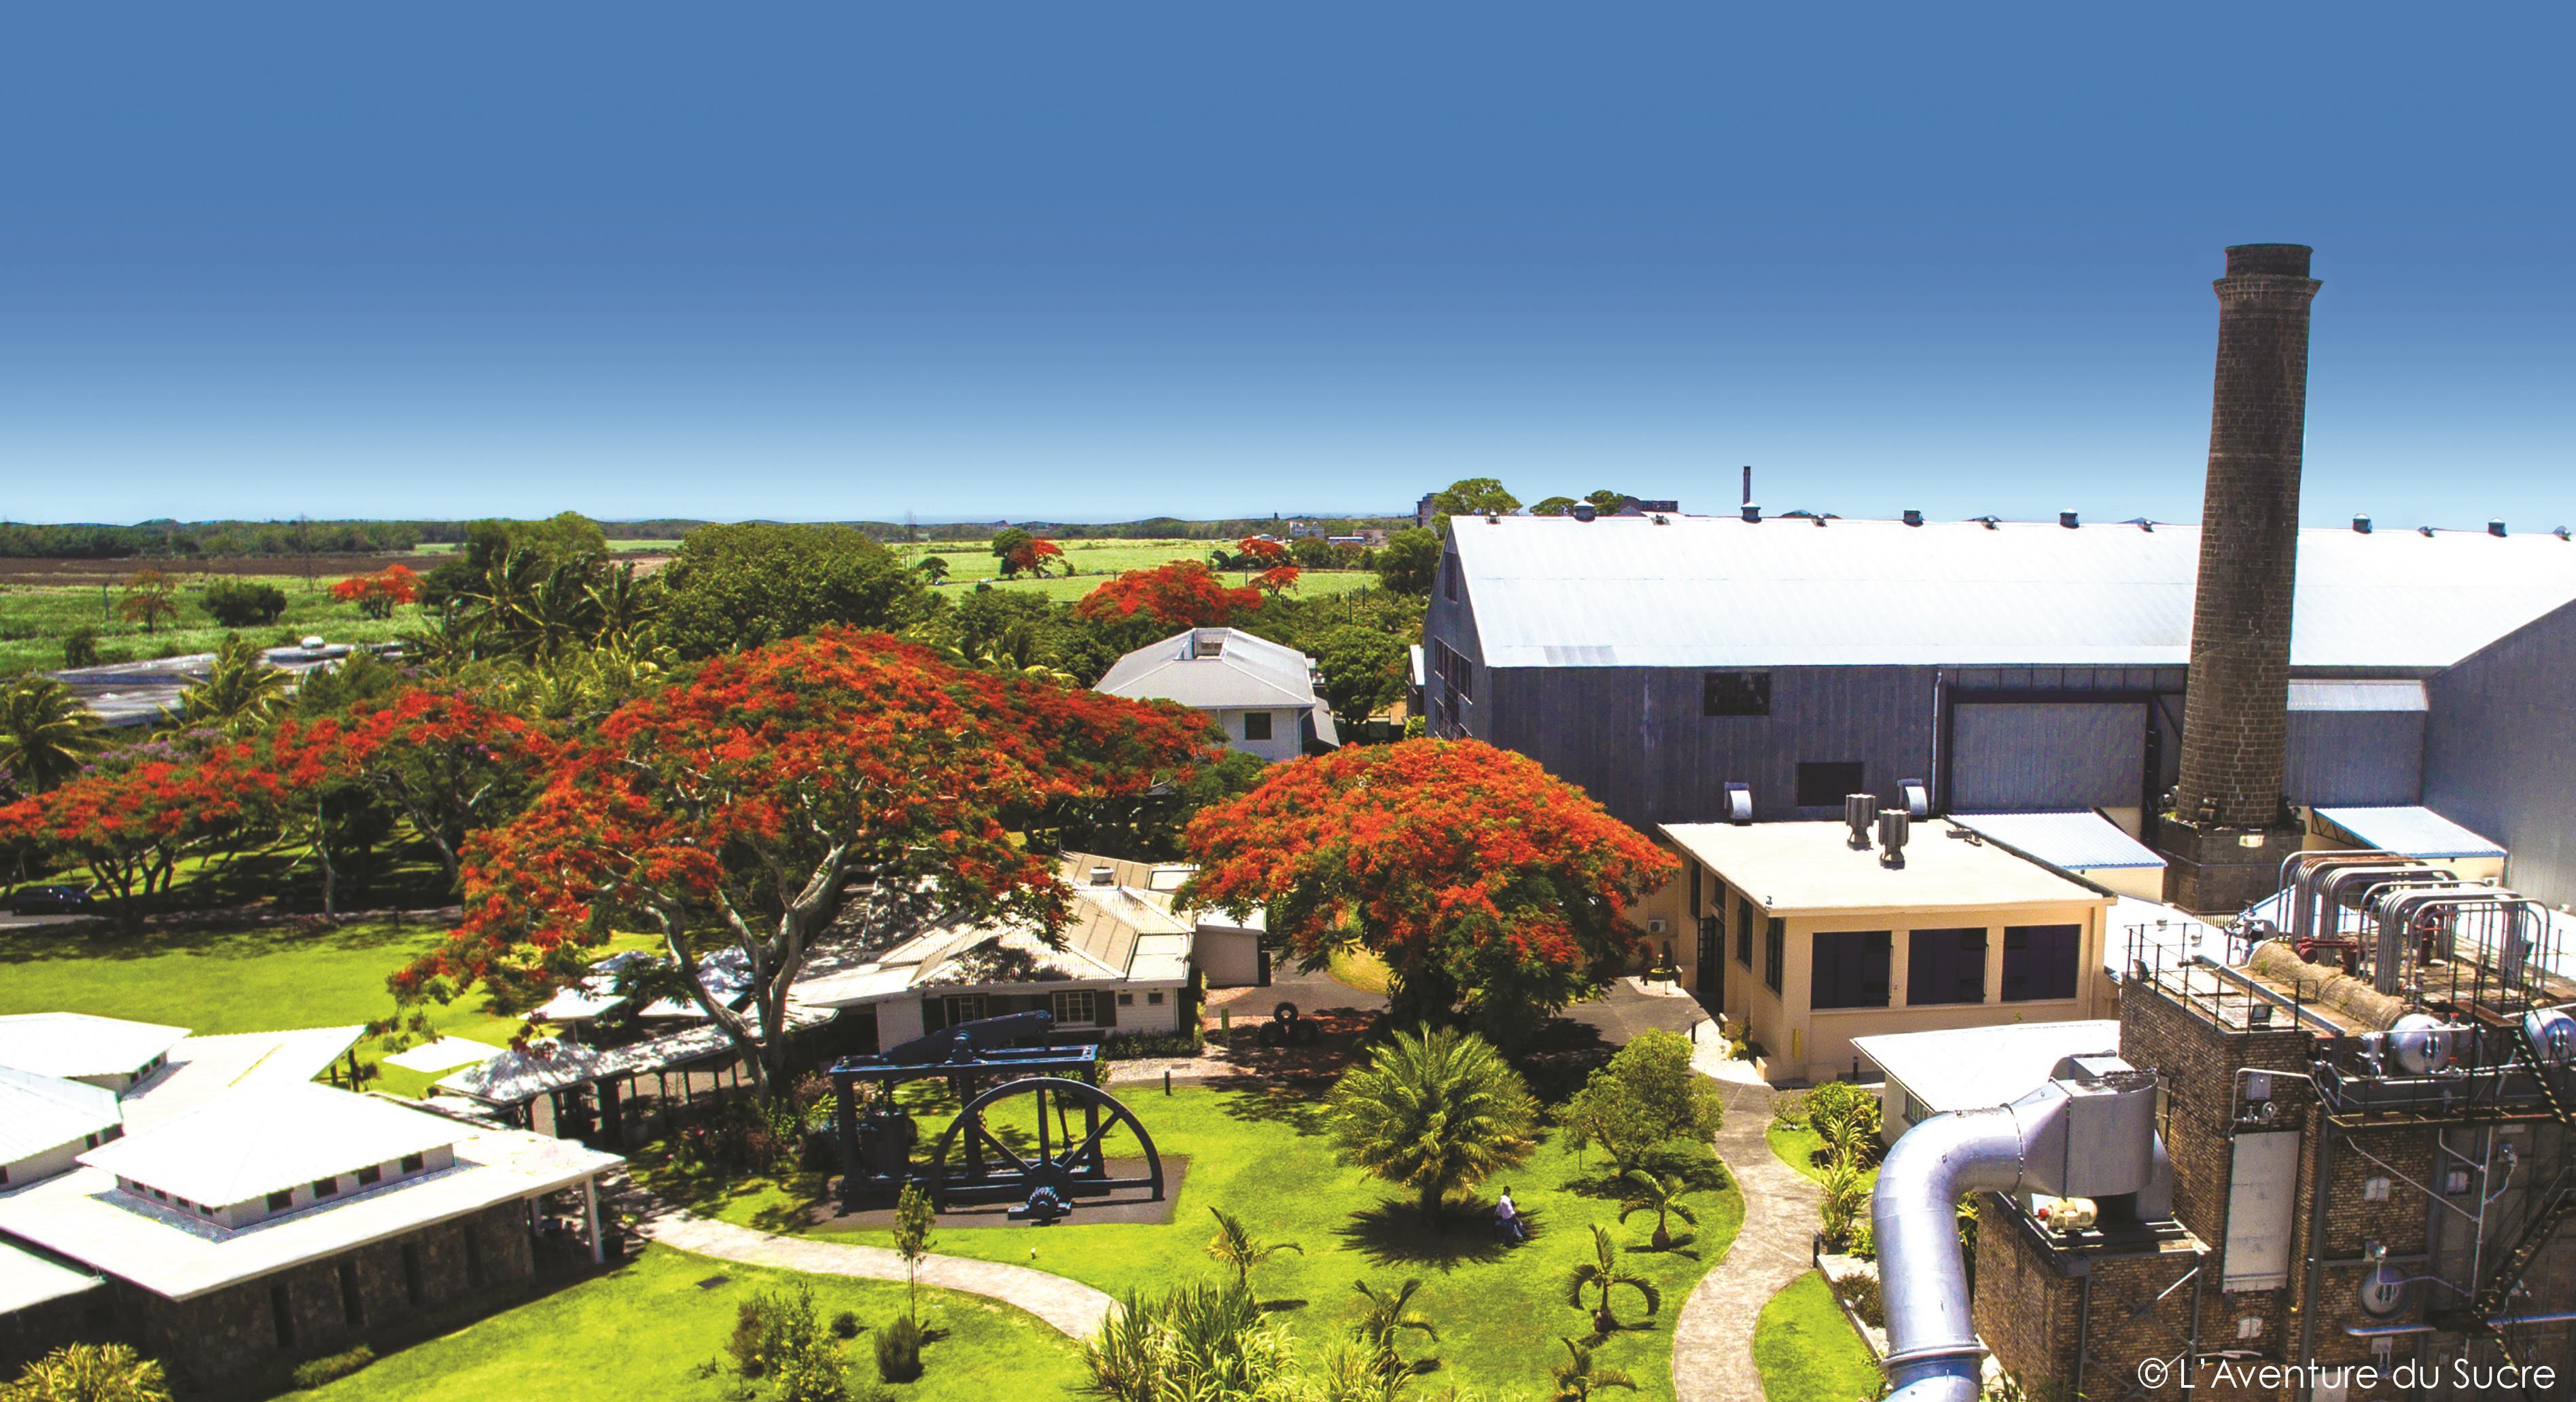 l'Aventure du Sucre Museum